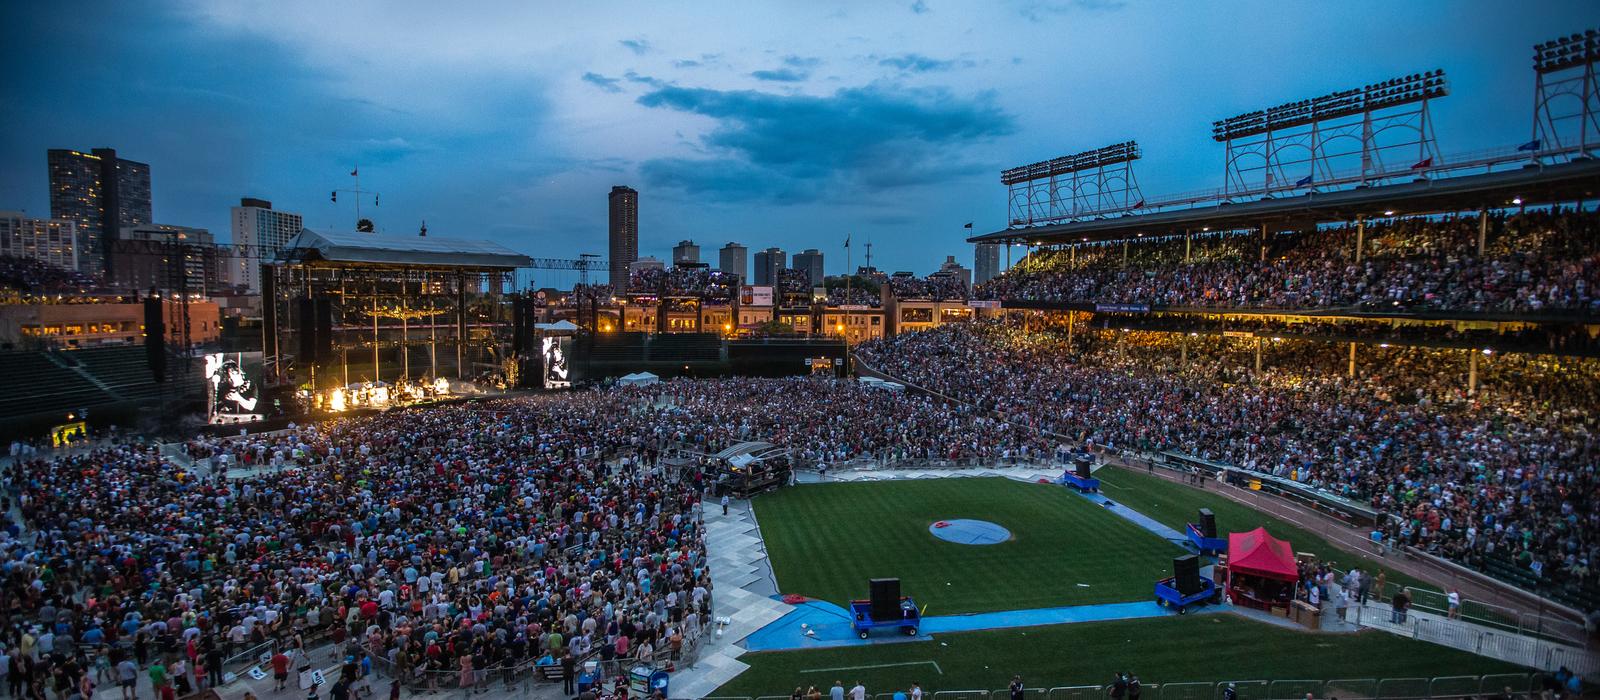 Pogoda powodem opóźnienia koncertu Pearl Jam na Wrigley Field